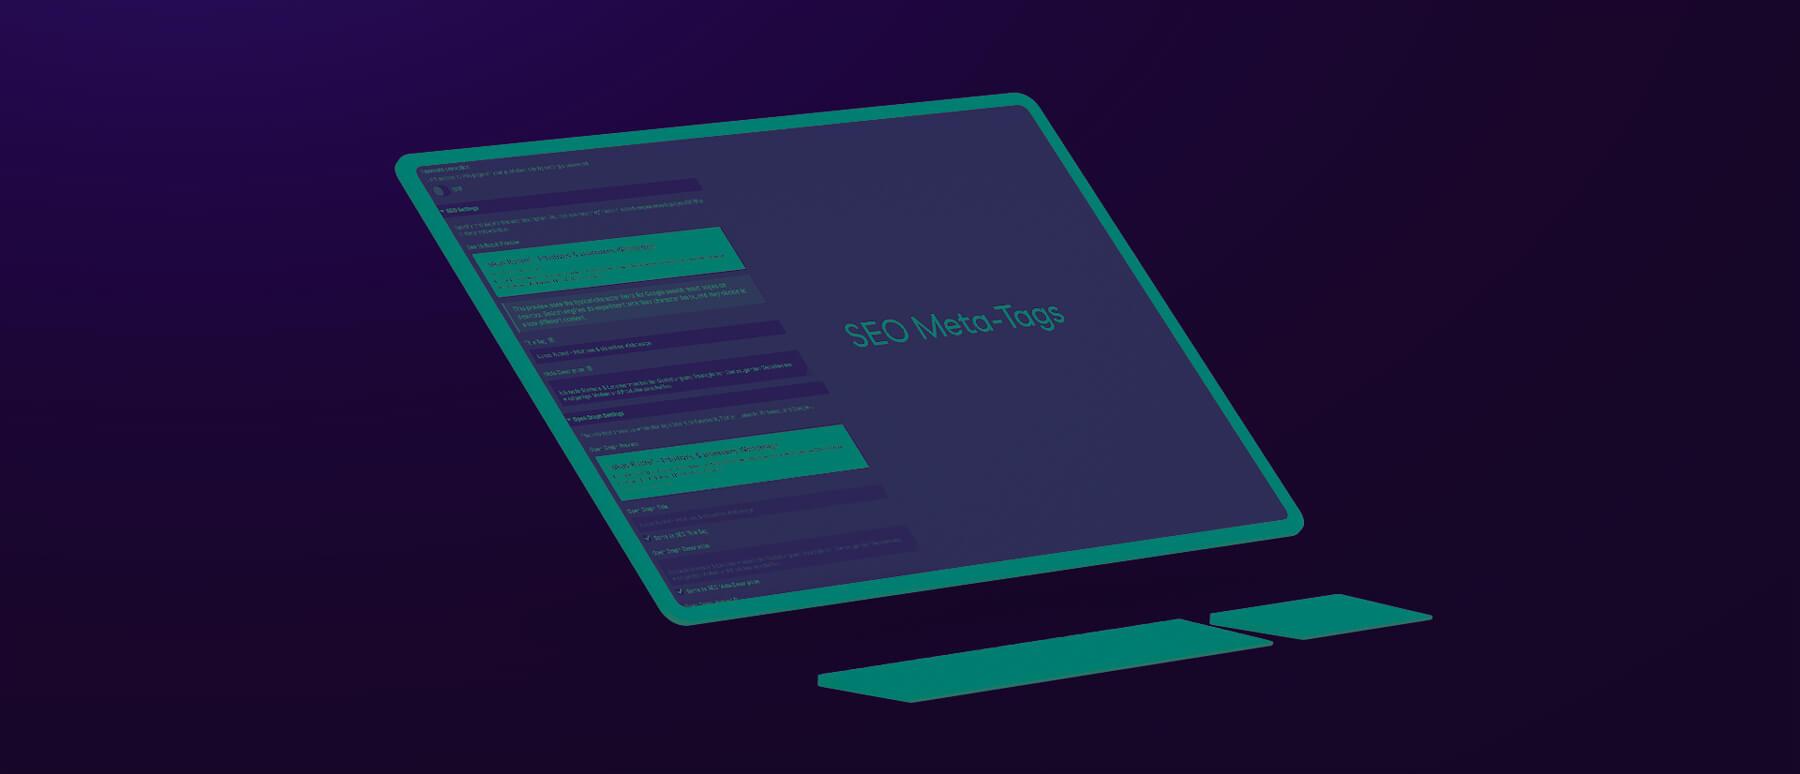 Floating Desktop Surface